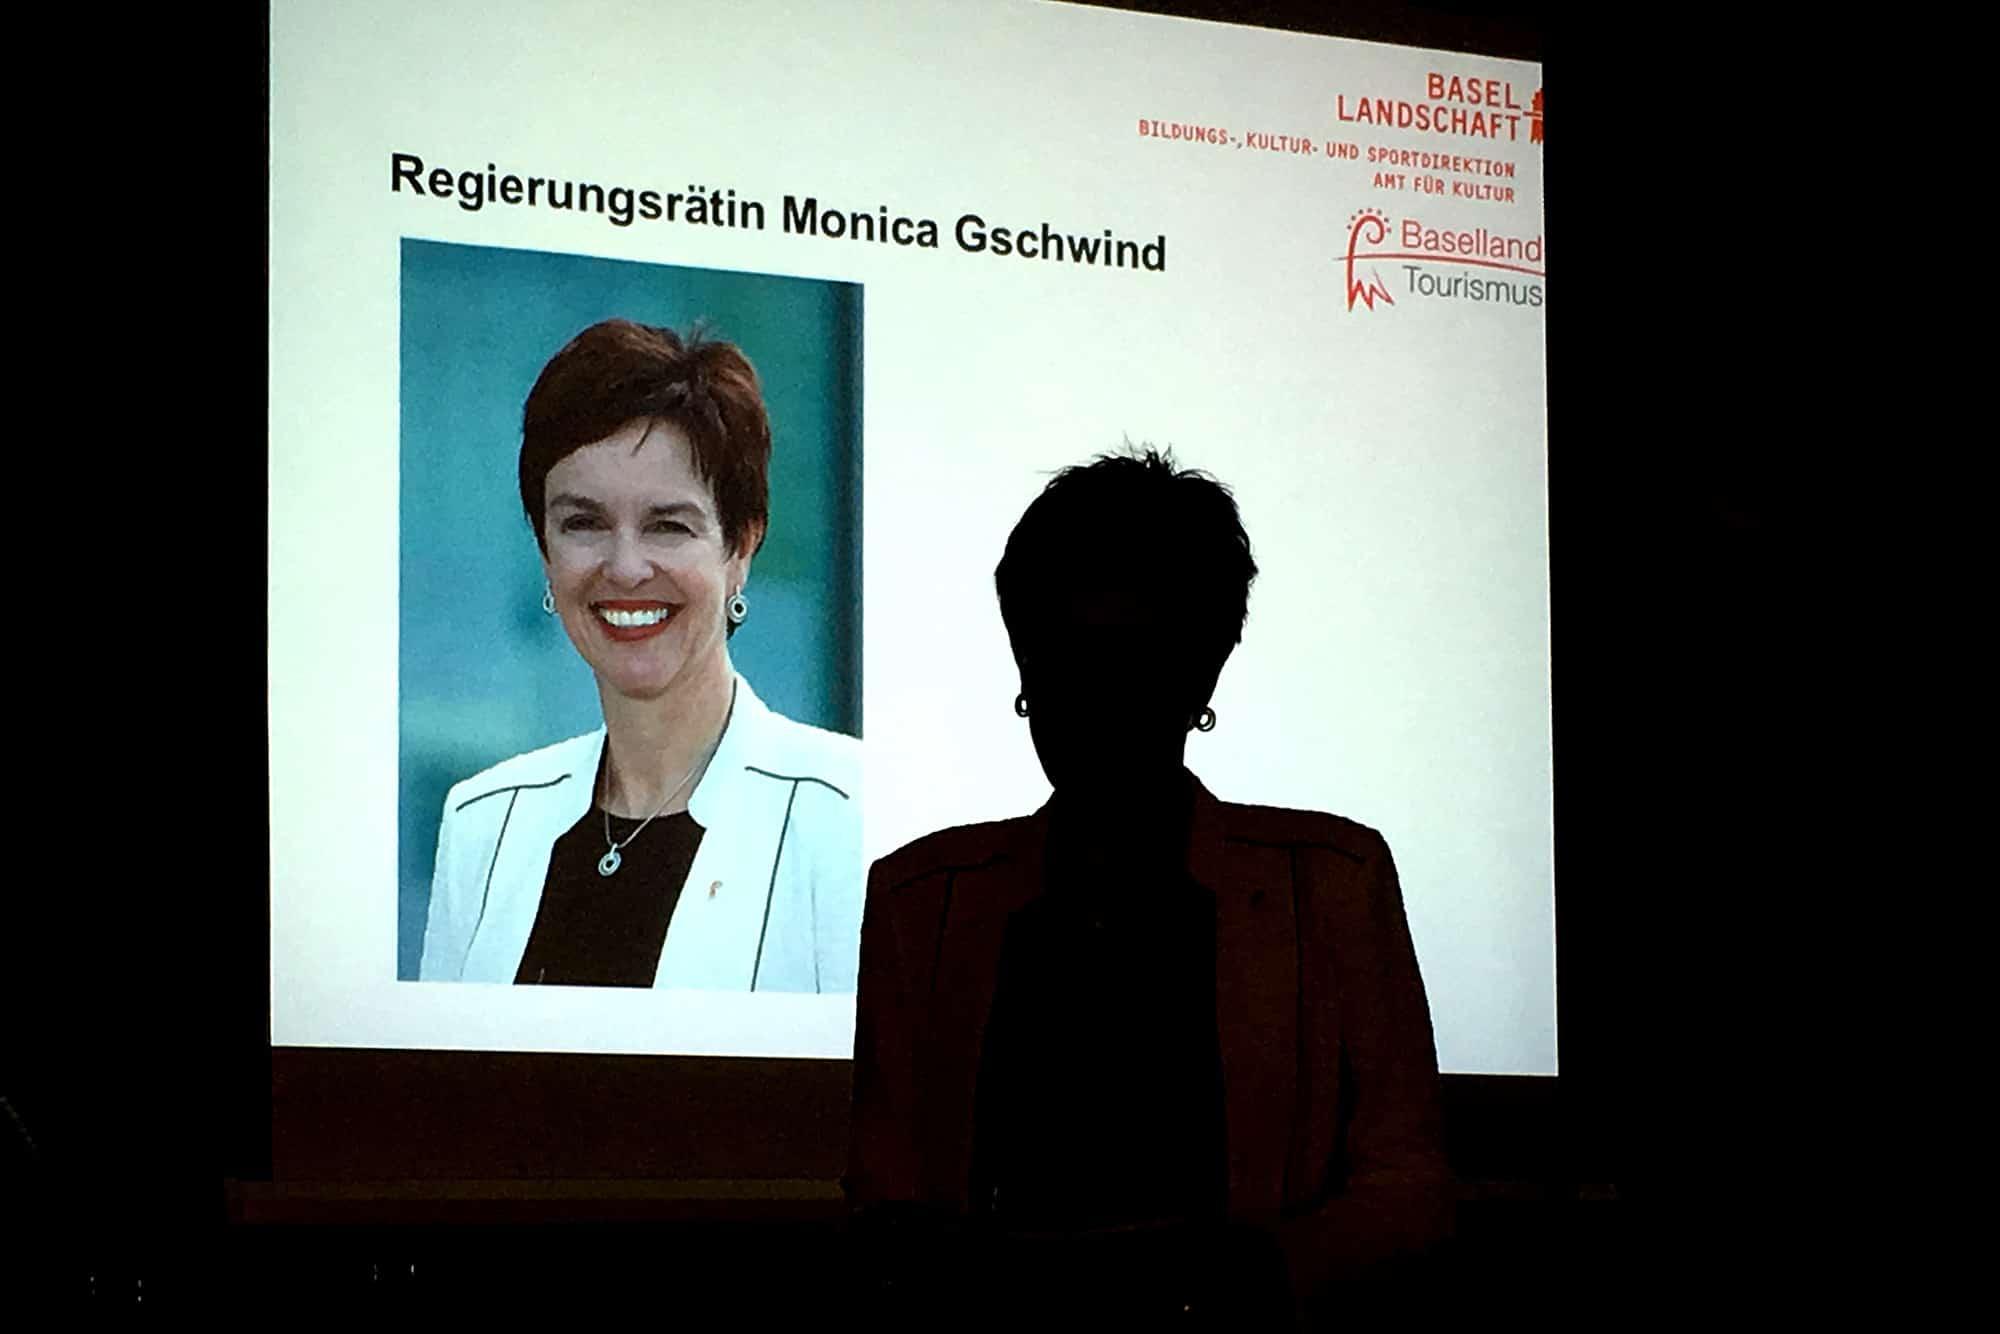 Die Baselbieter Kultur sichtbarer machen, als sie es jetzt ist, will die Kulturministerin Monica Gschwind.